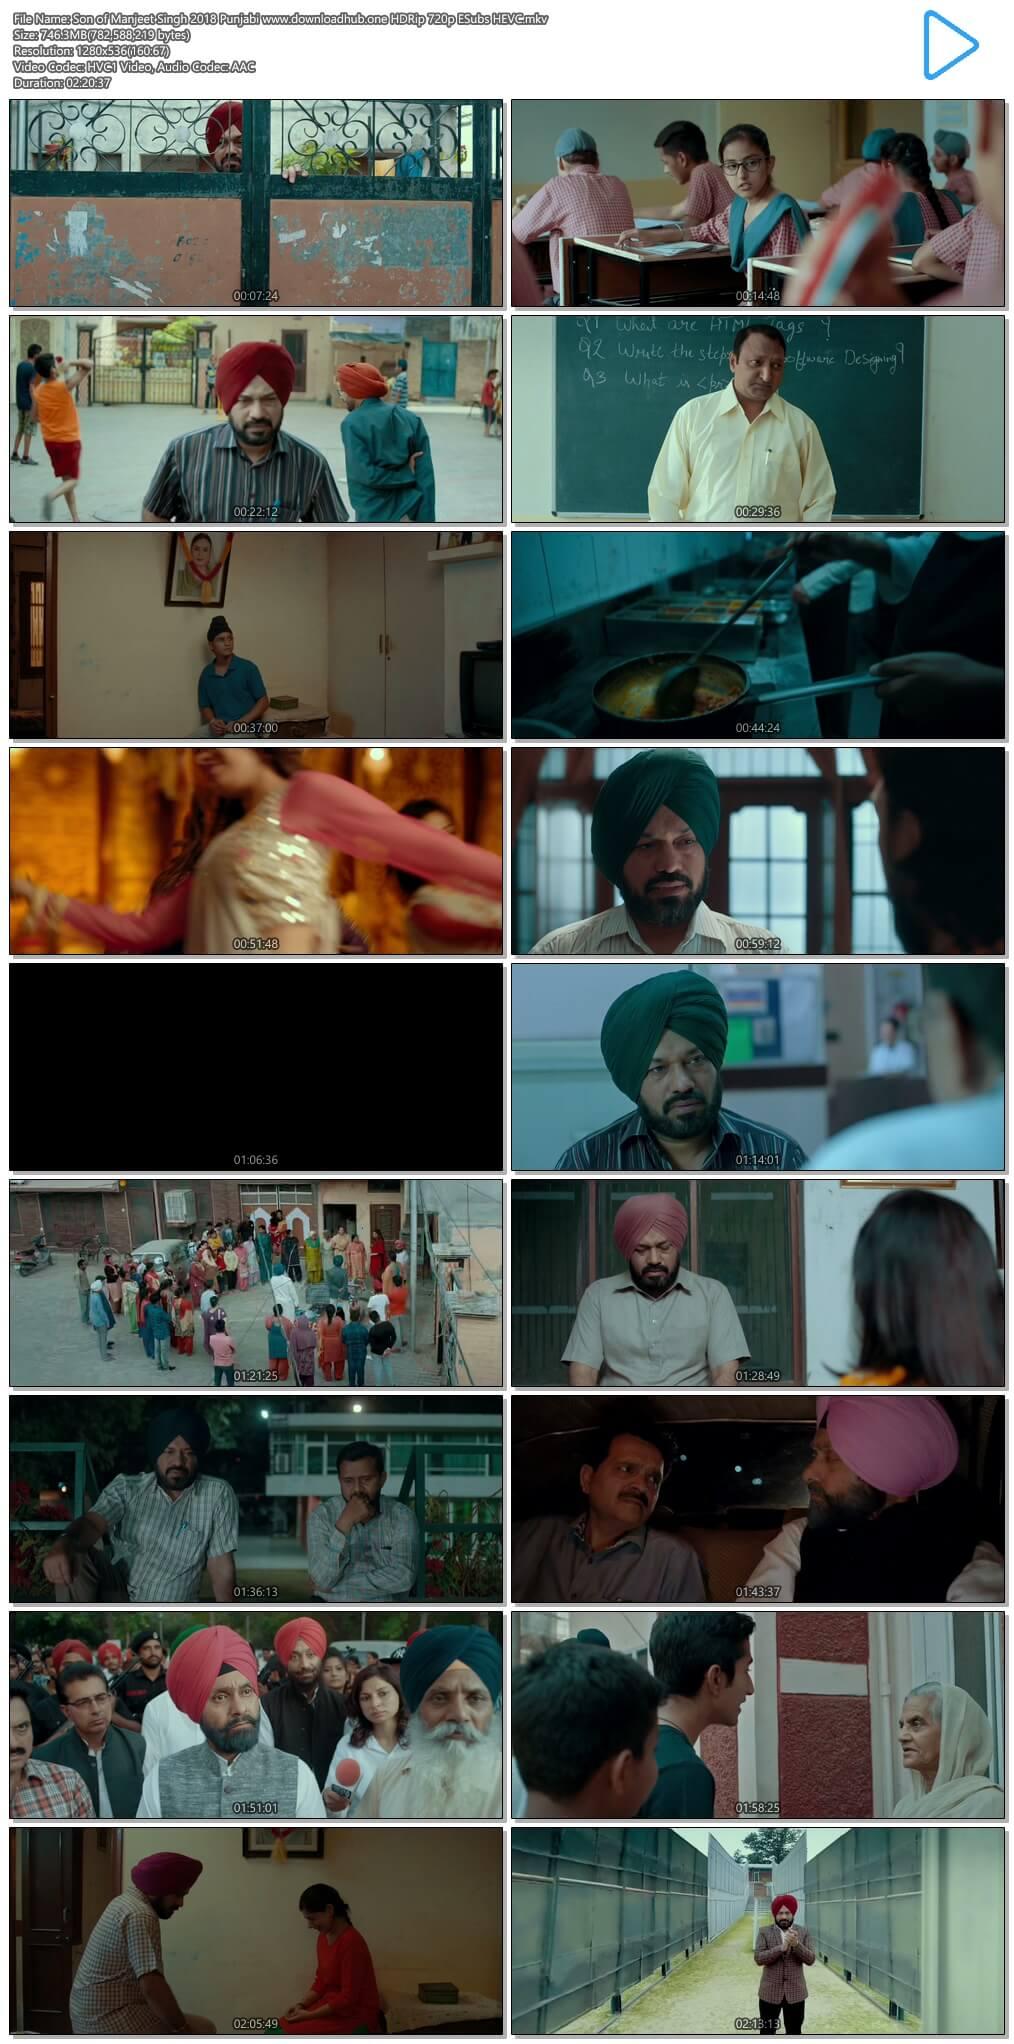 Son of Manjeet Singh 2018 Punjabi 750MB HDRip 720p ESubs HEVC